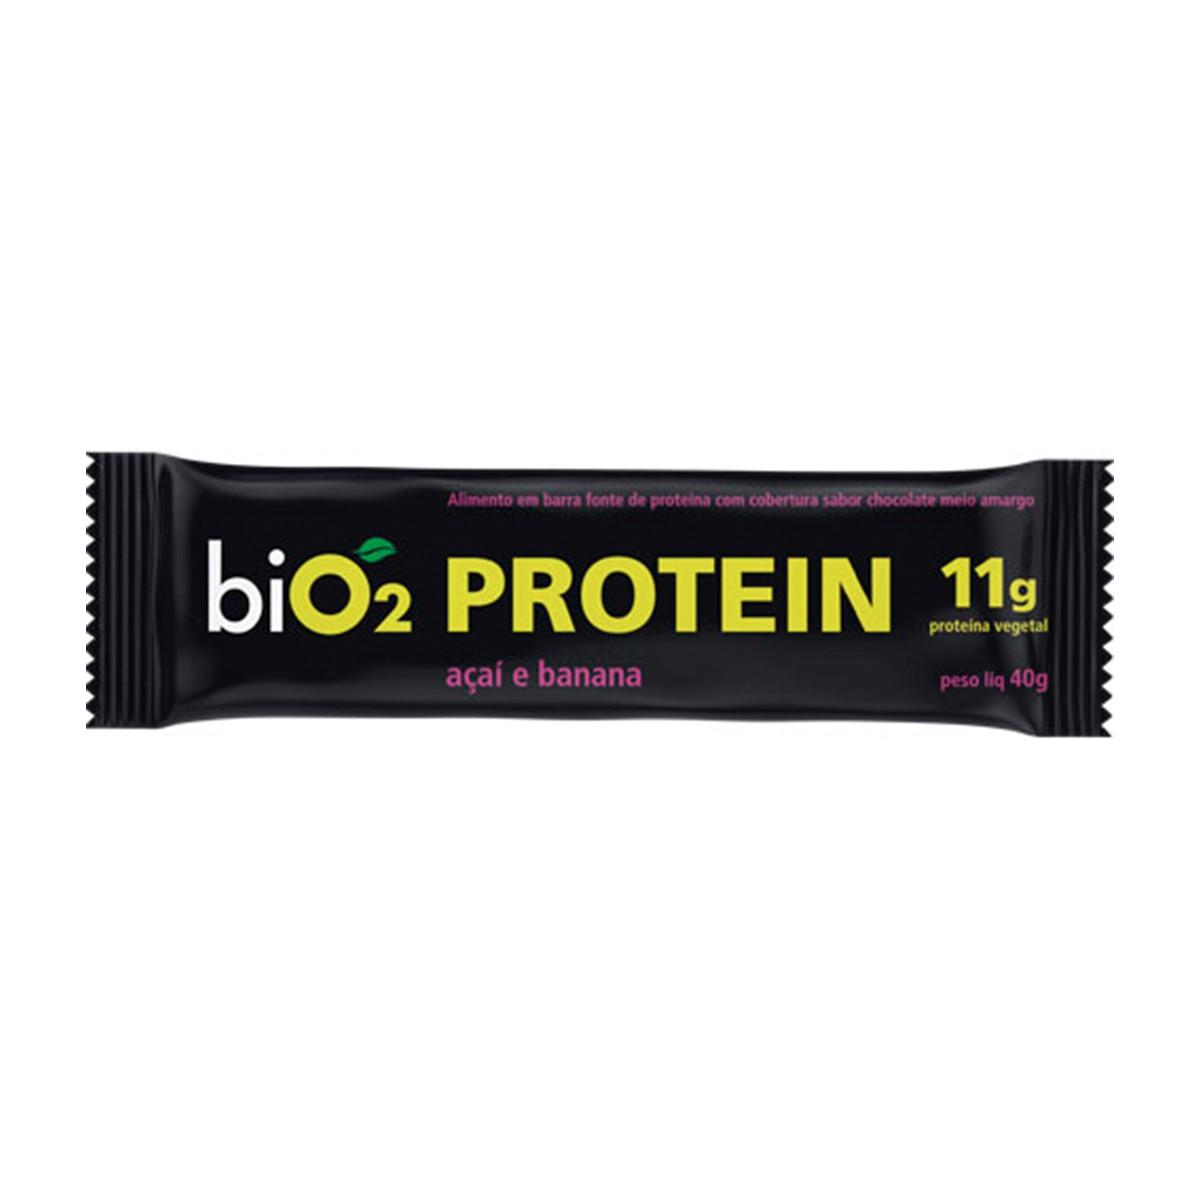 Barra de Proteína Açaí, Banana e Pasta de Amendoim display com 12 un. de 45g - Bio2